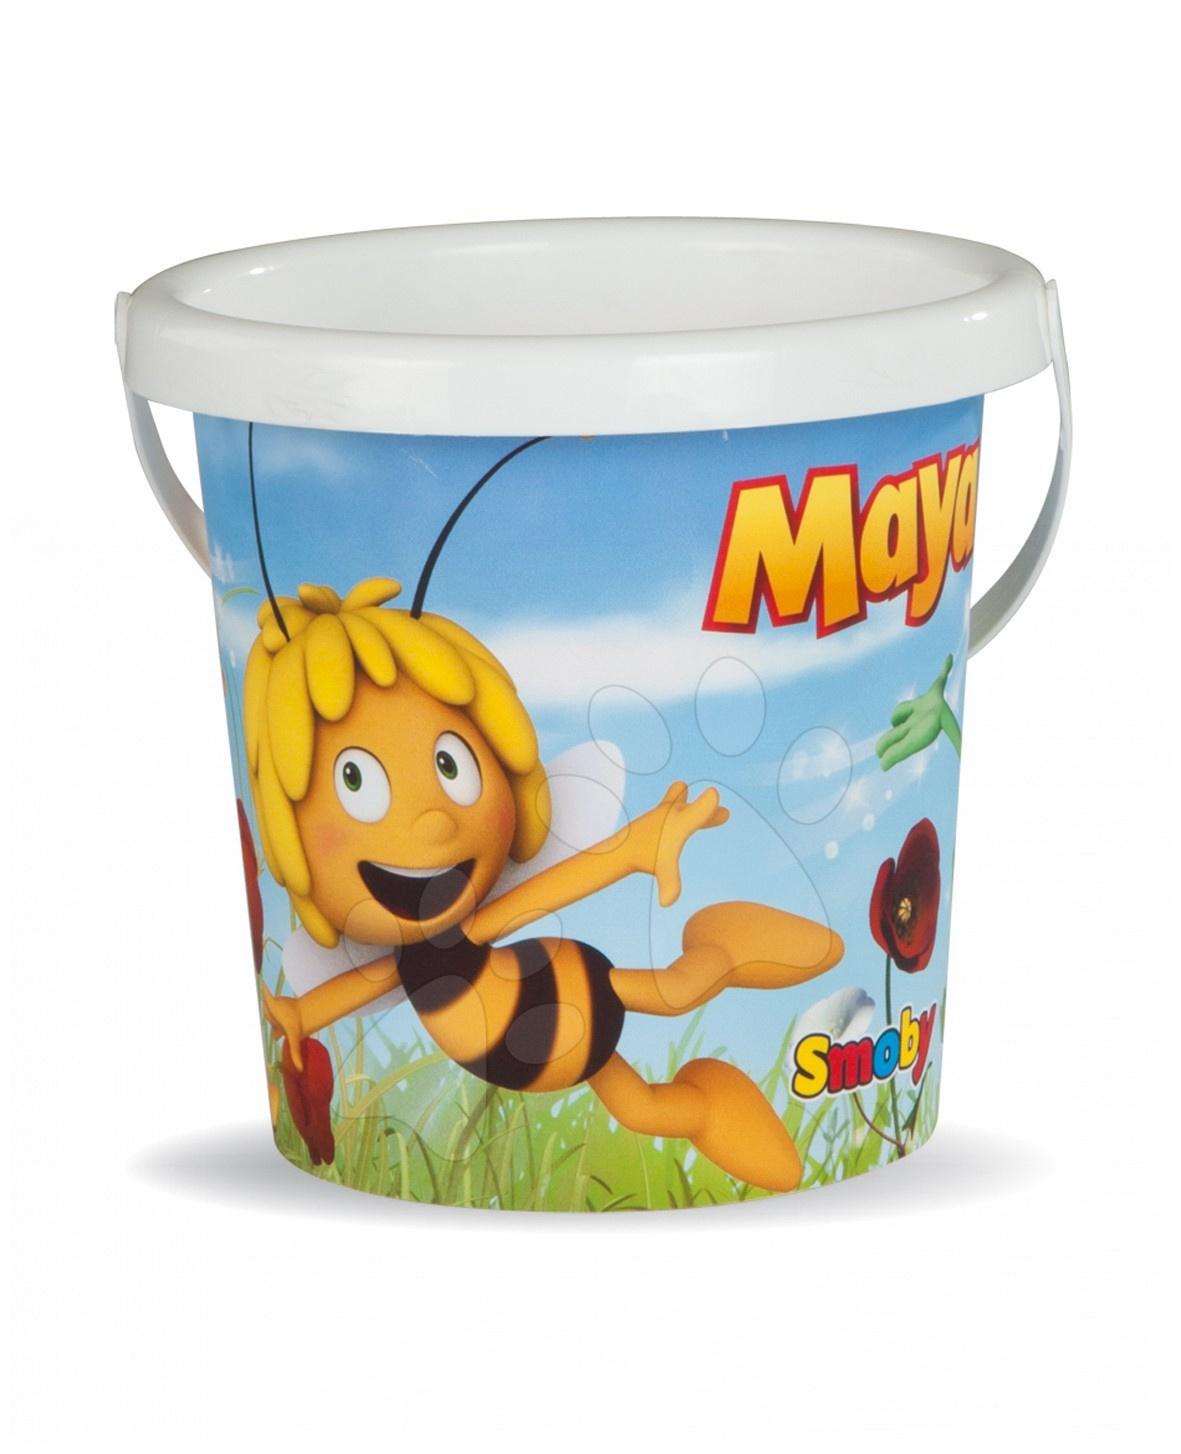 Vedro prázdne malé Včielka Maja Smoby 15 cm od 18 mes